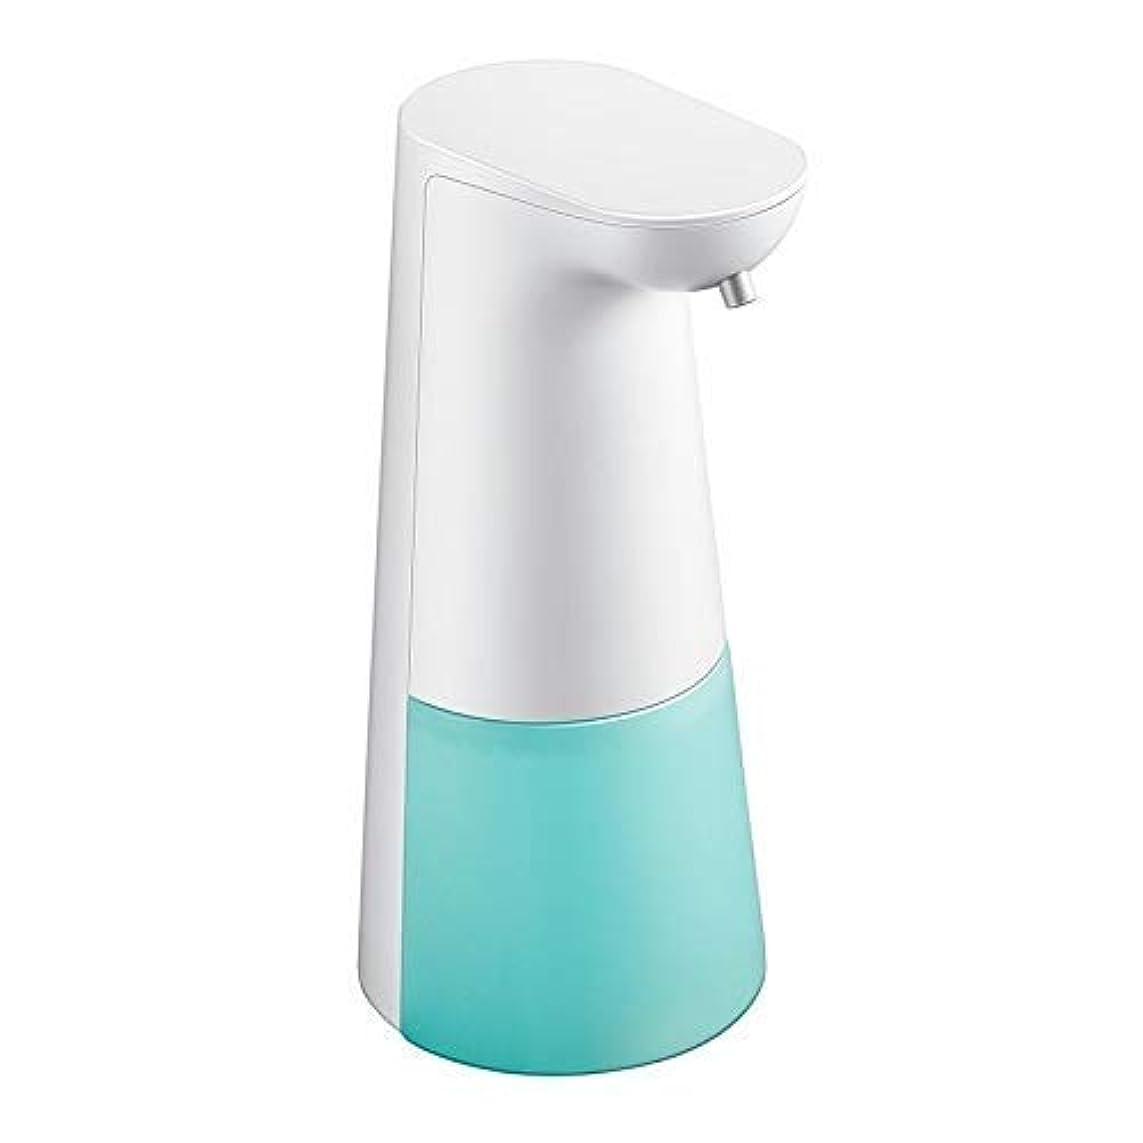 ジャーナリストセーターパック自動誘導の泡の石鹸機械ホテルの泡の石鹸ディスペンサーの自動手の消毒剤